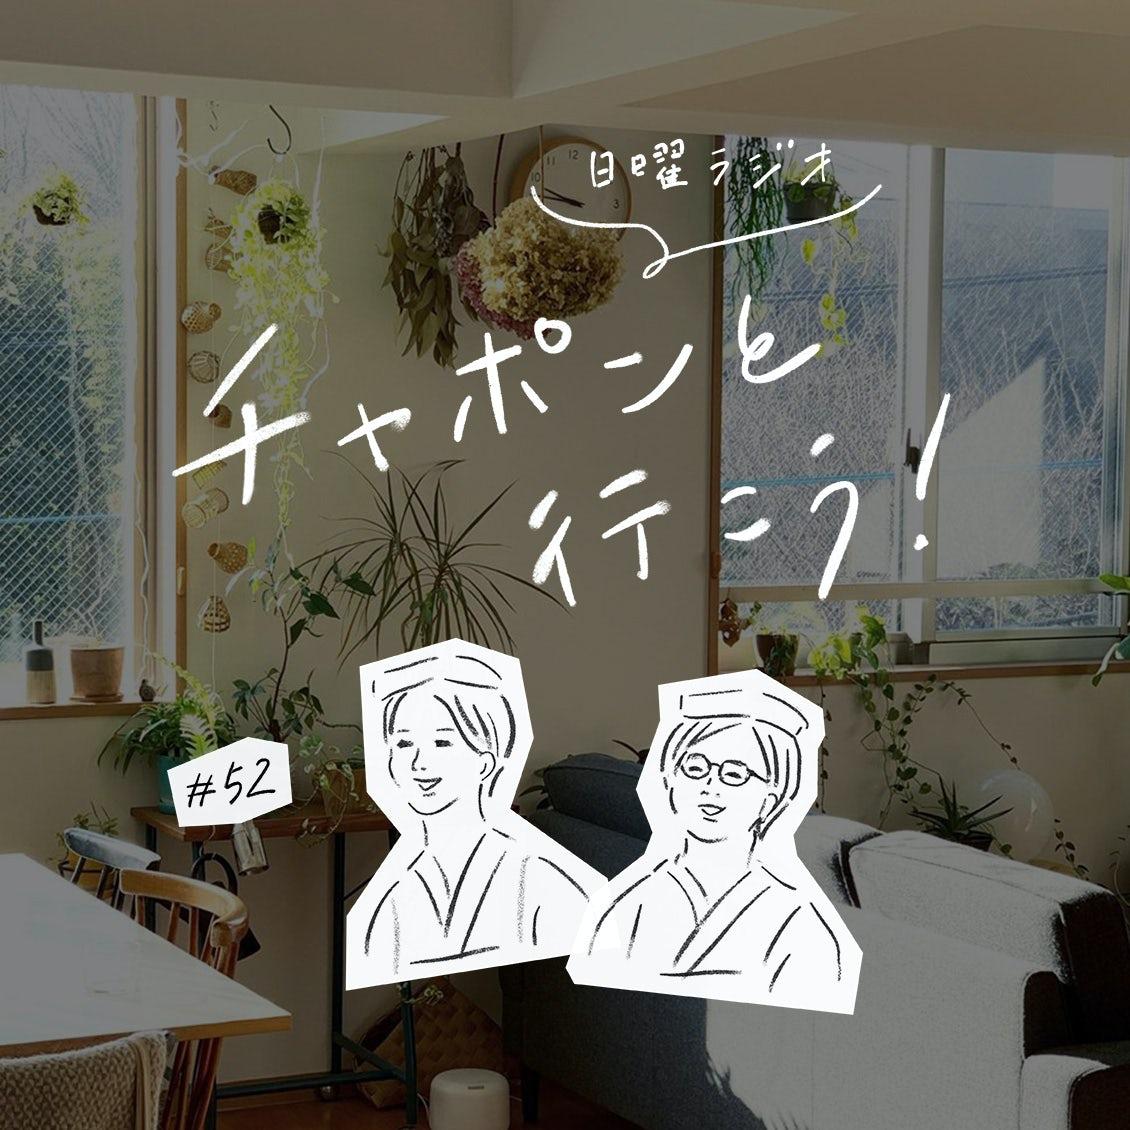 【日曜ラジオ|チャポンと行こう!】第52夜:植物園のような部屋に憧れて。グリーンをたっぷり楽しむコツは?